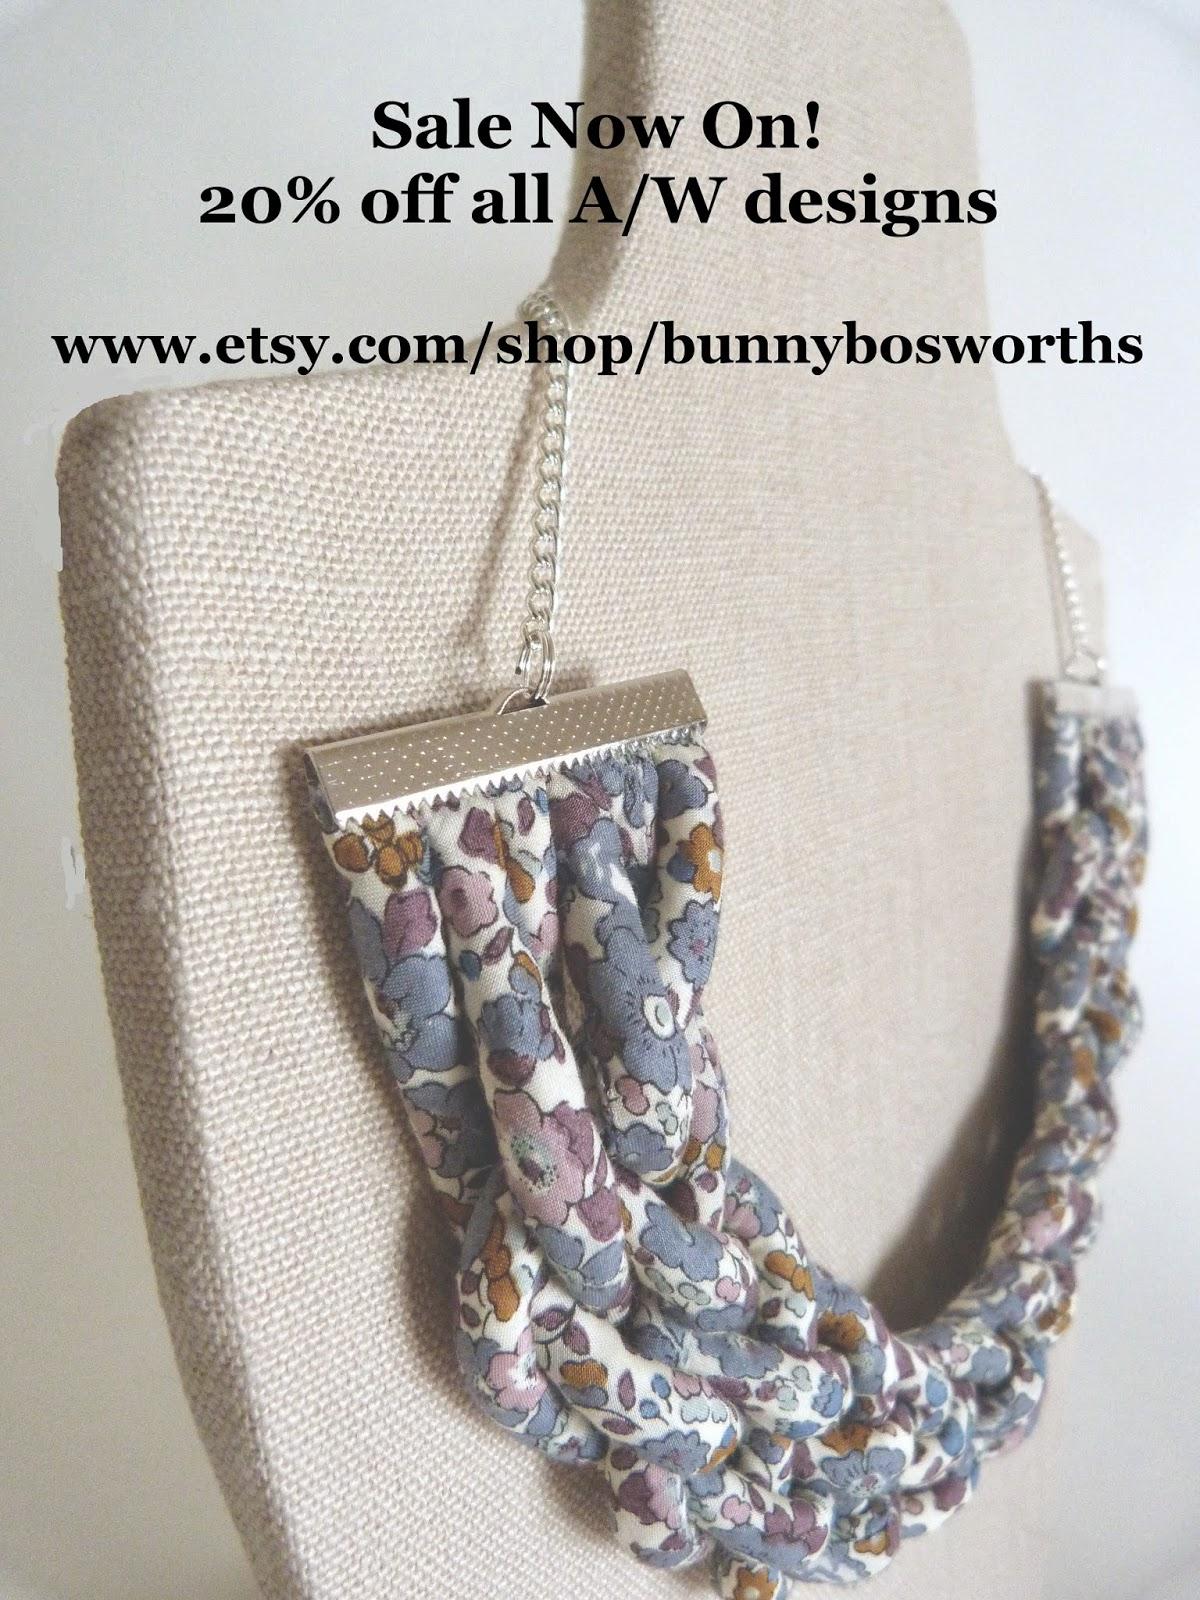 www.etsy.com/shop/bunnybosworths